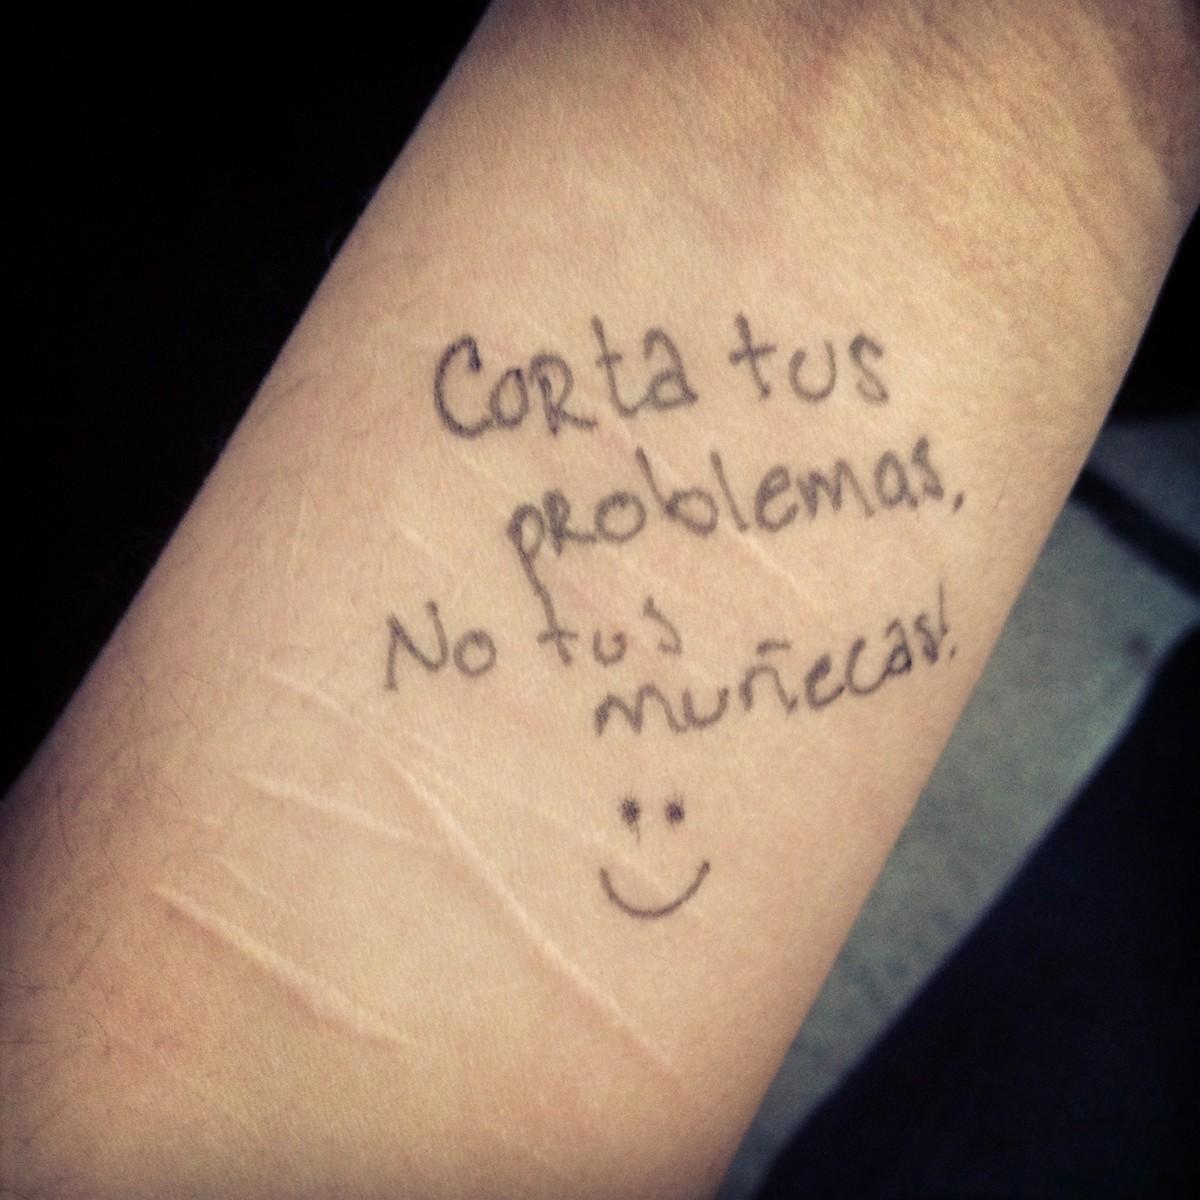 Cutting Wrists Quotes Quotesgram